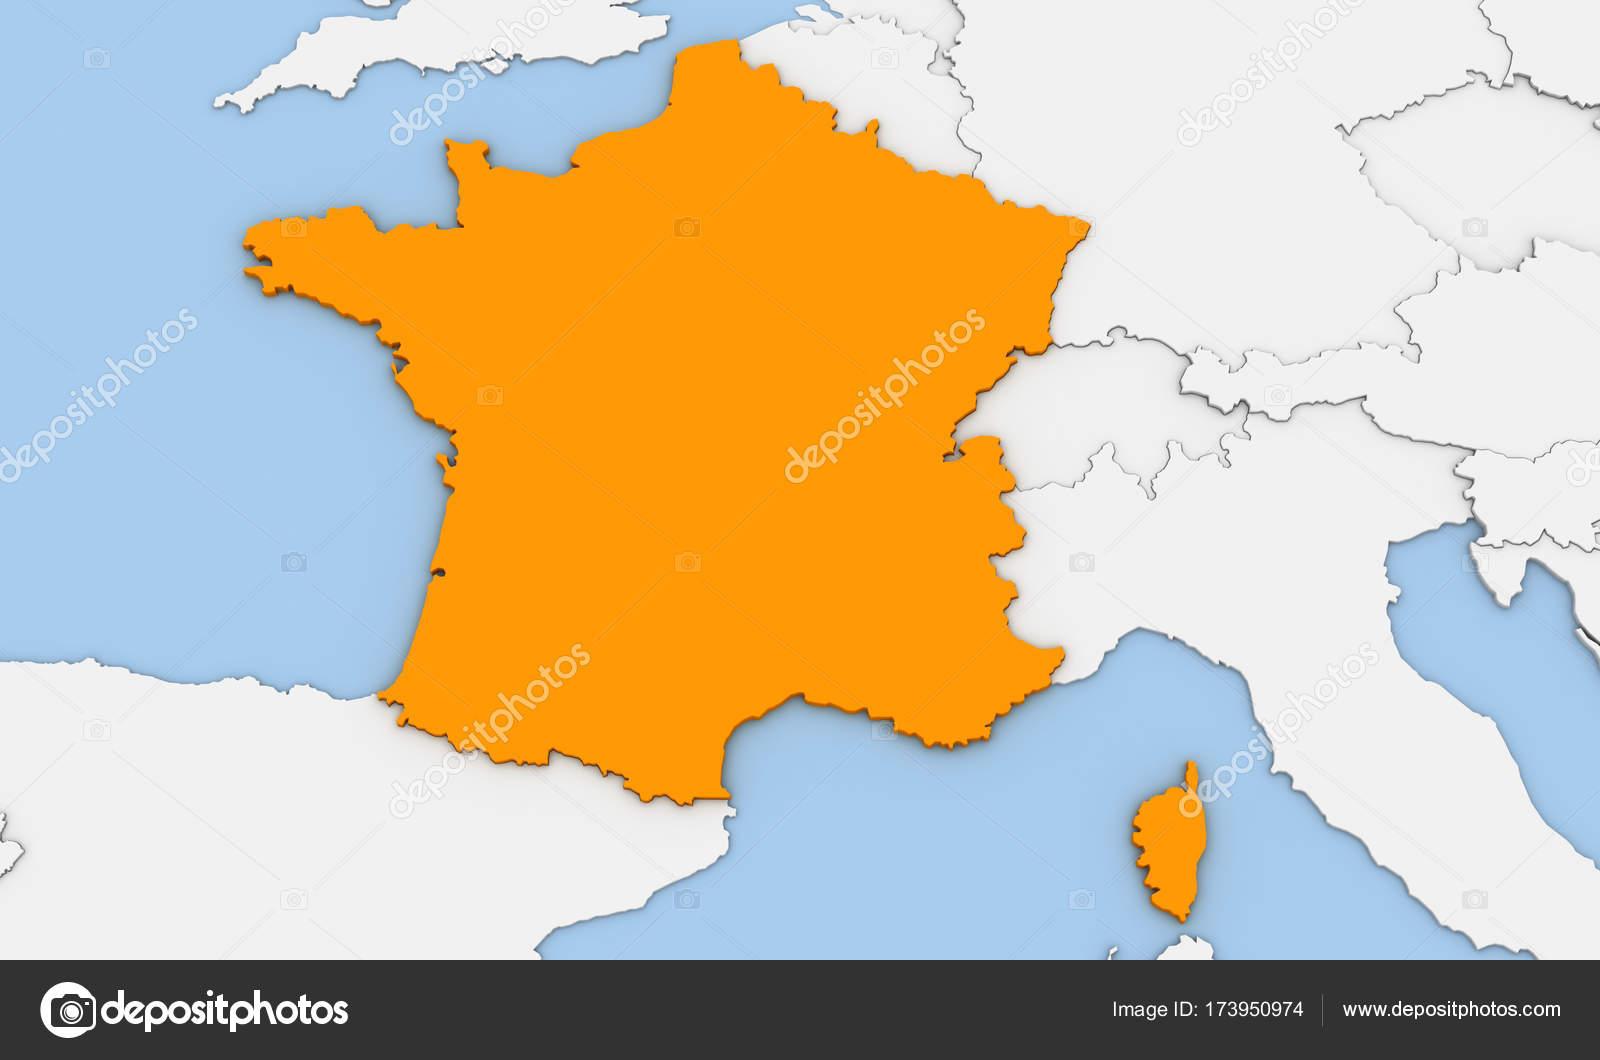 3d render of abstract map of france foto de stock oorka5 173950974 3d render of abstract map of france highlighted in orange color foto de oorka5 gumiabroncs Images